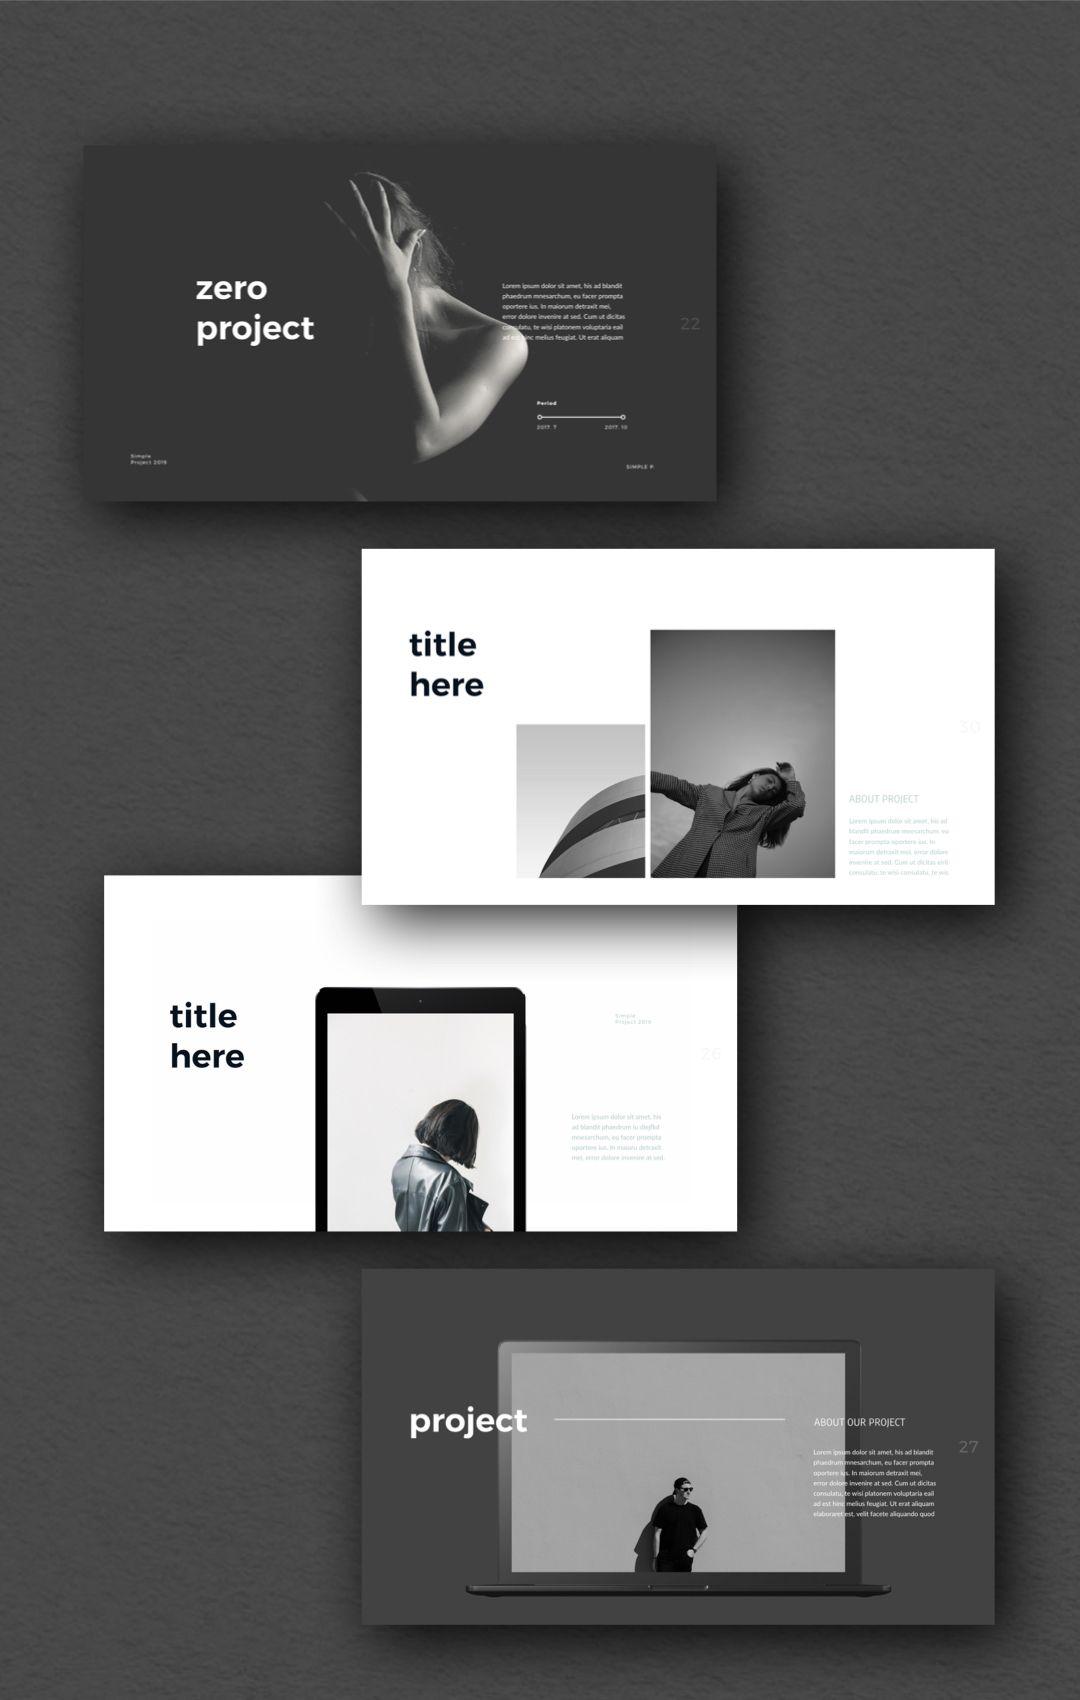 Zero Powerpoint Template Presentation Design Layout Portfolio Design Layout Powerpoint Presentation Design